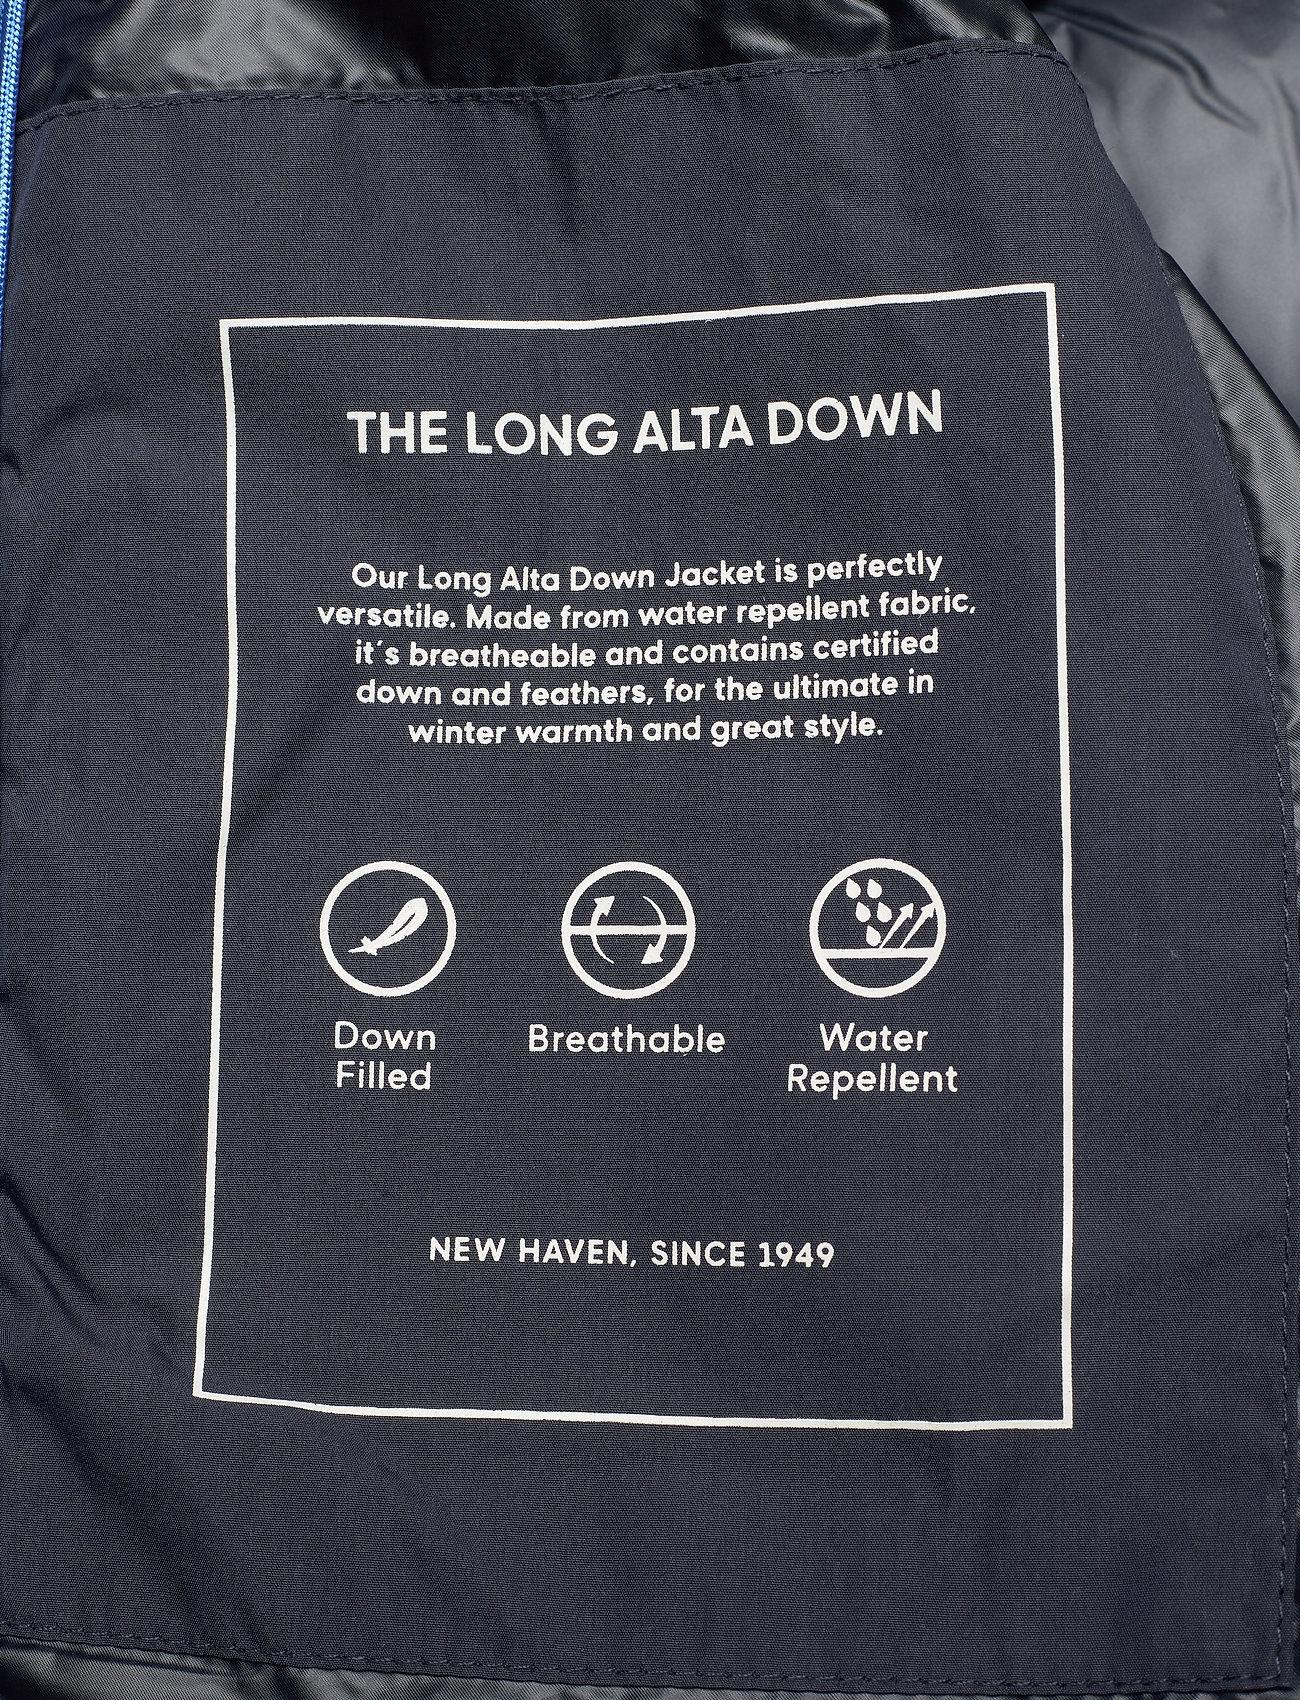 GANT D2. THE LONG ALTA DOWN JACKET - Jakker og frakker EVENING BLUE - Menn Klær